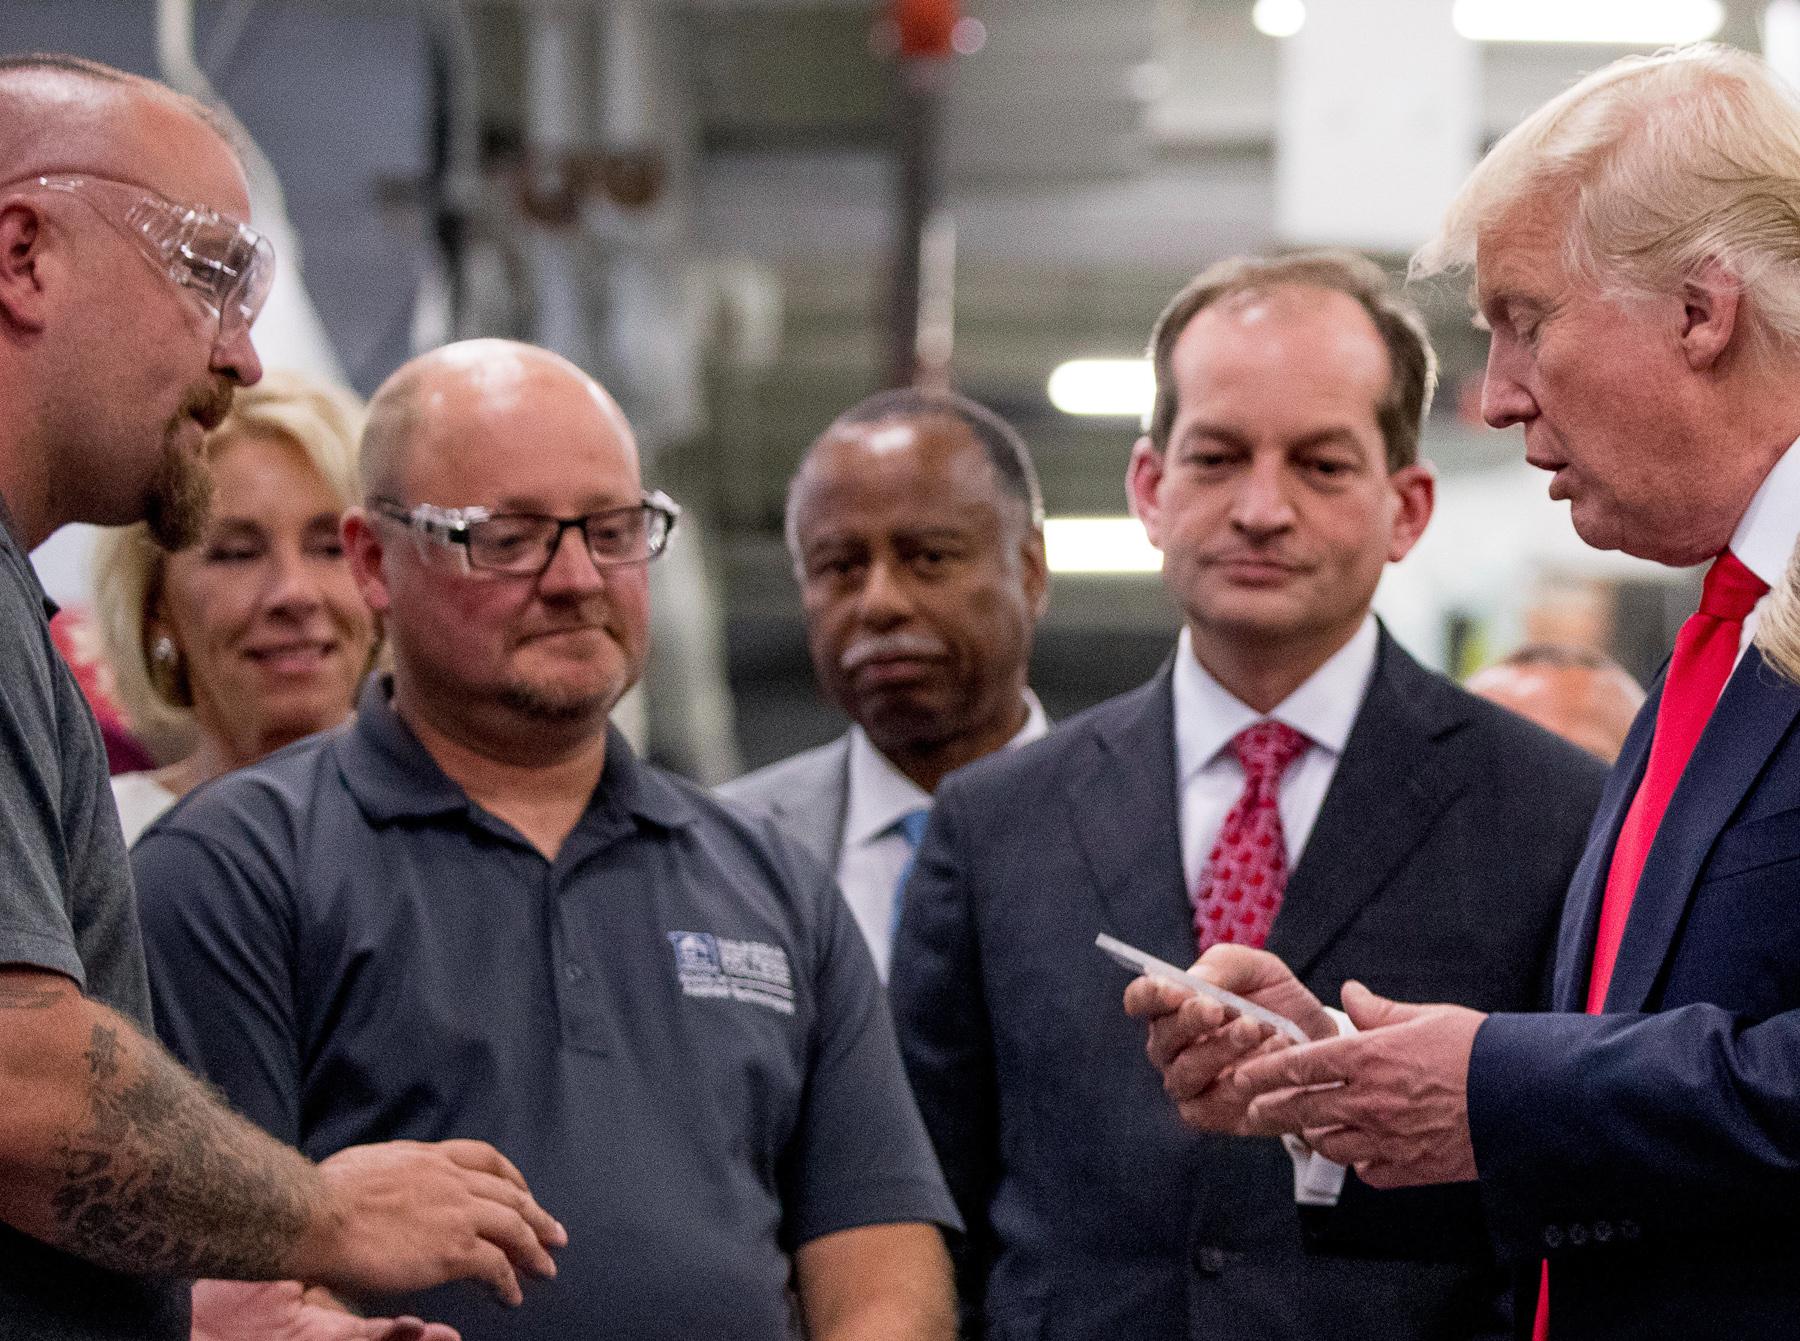 O presidente Trump se reúne com homens em uma fábrica (© AP Images)